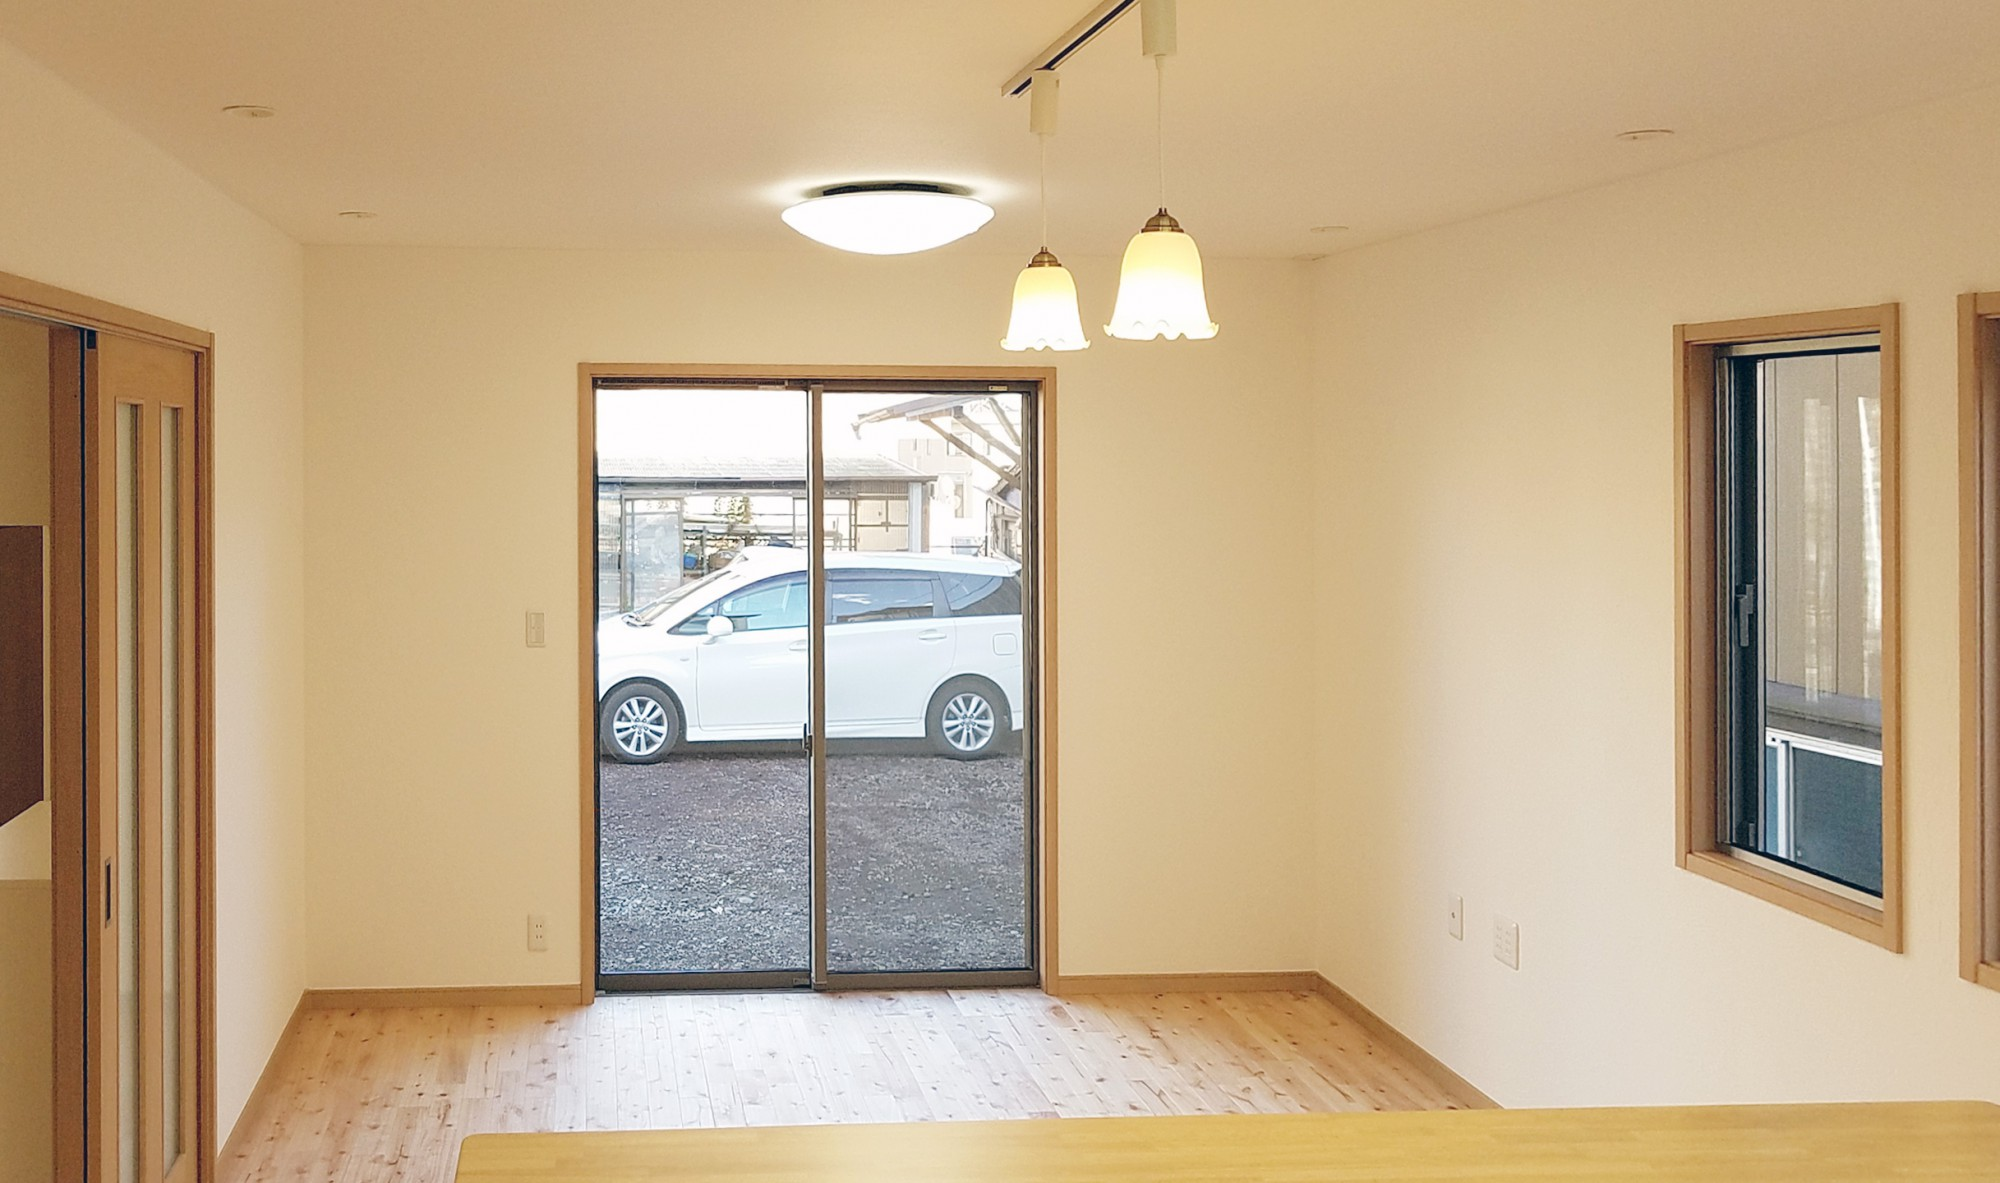 塗り壁と無垢の床(桜の木)を使いかわいいリビングになっています。